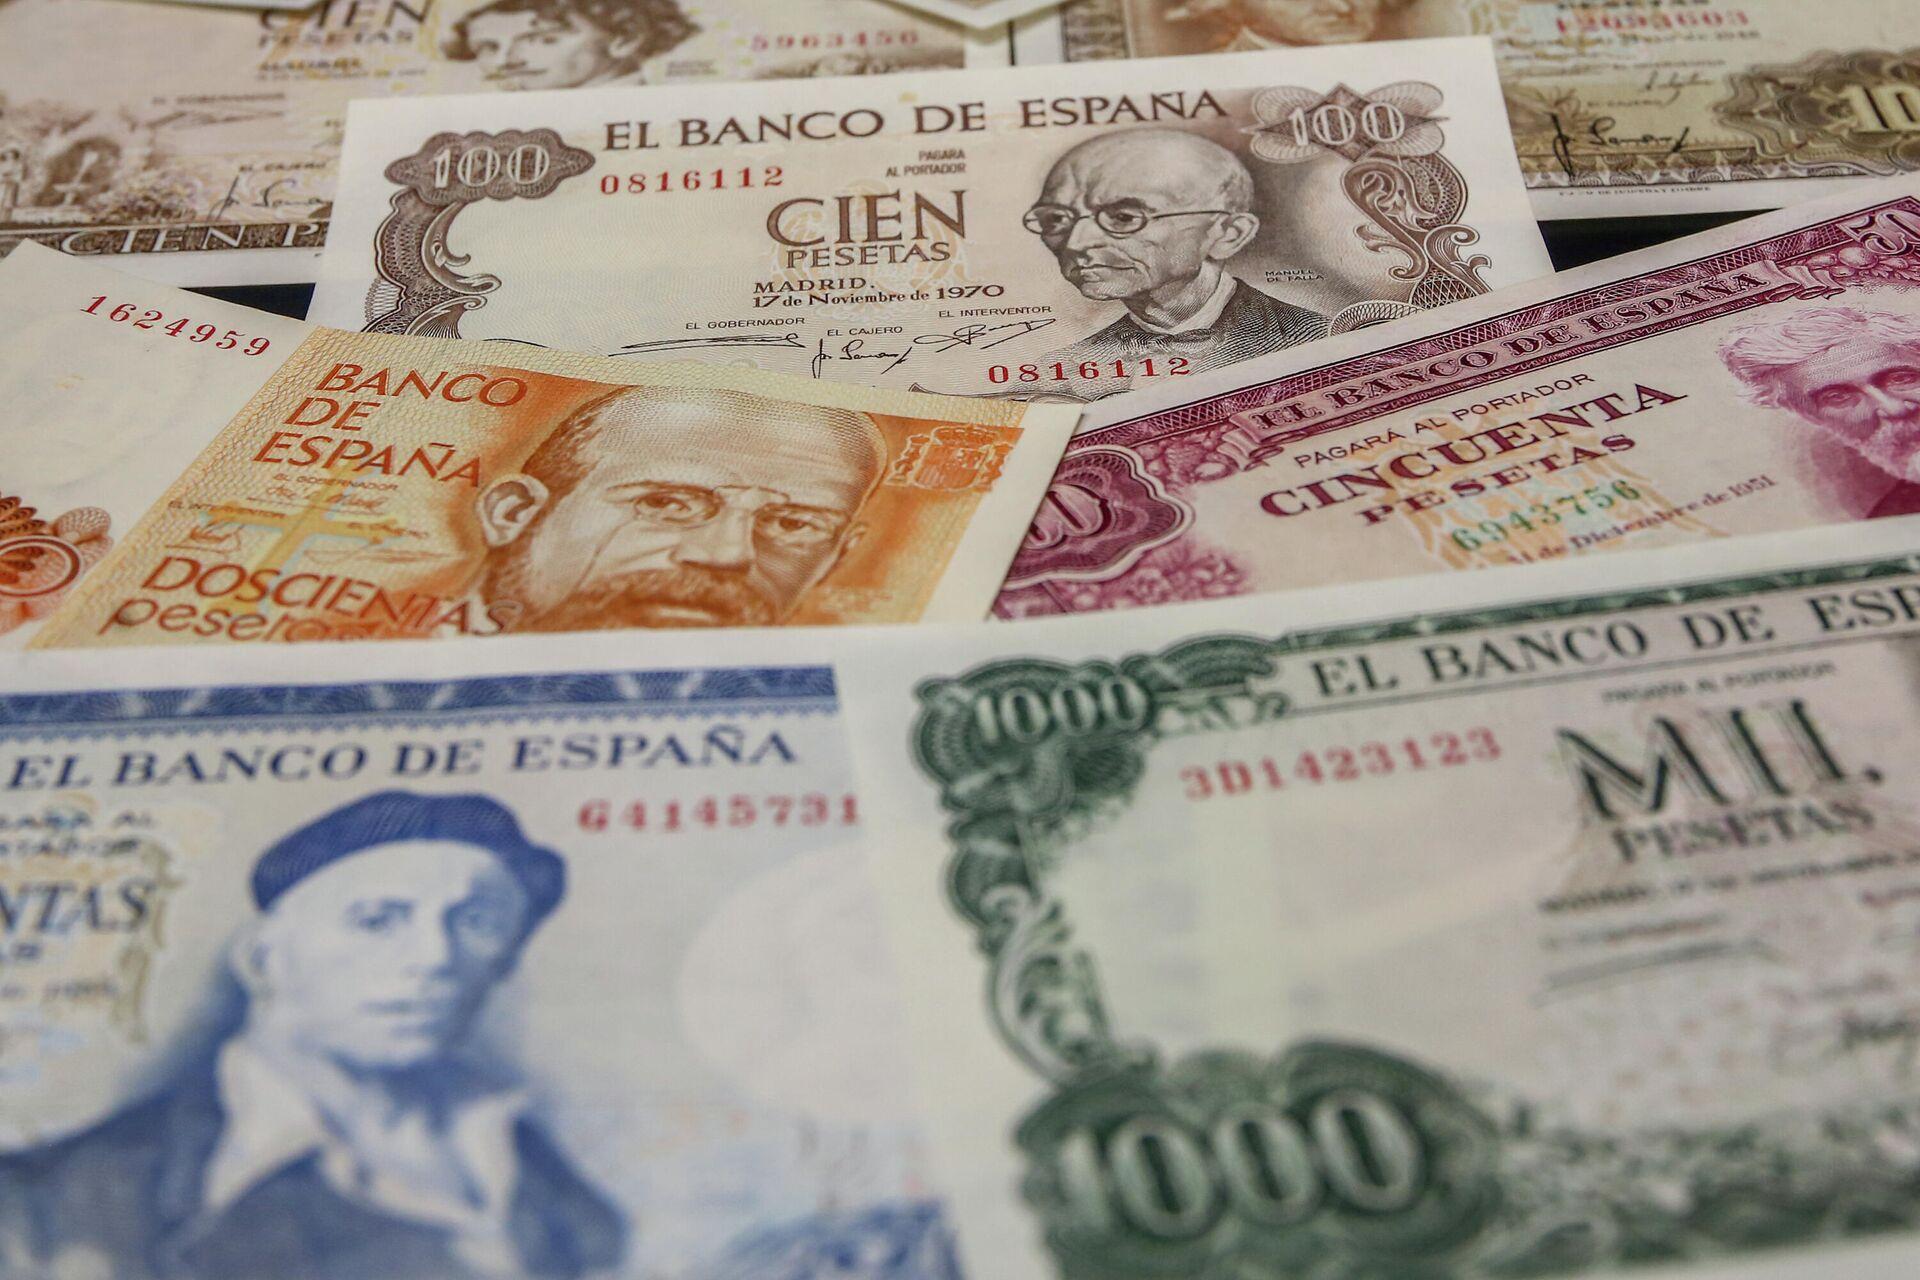 Varios billetes de las antiguas pesetas - Sputnik Mundo, 1920, 26.08.2021